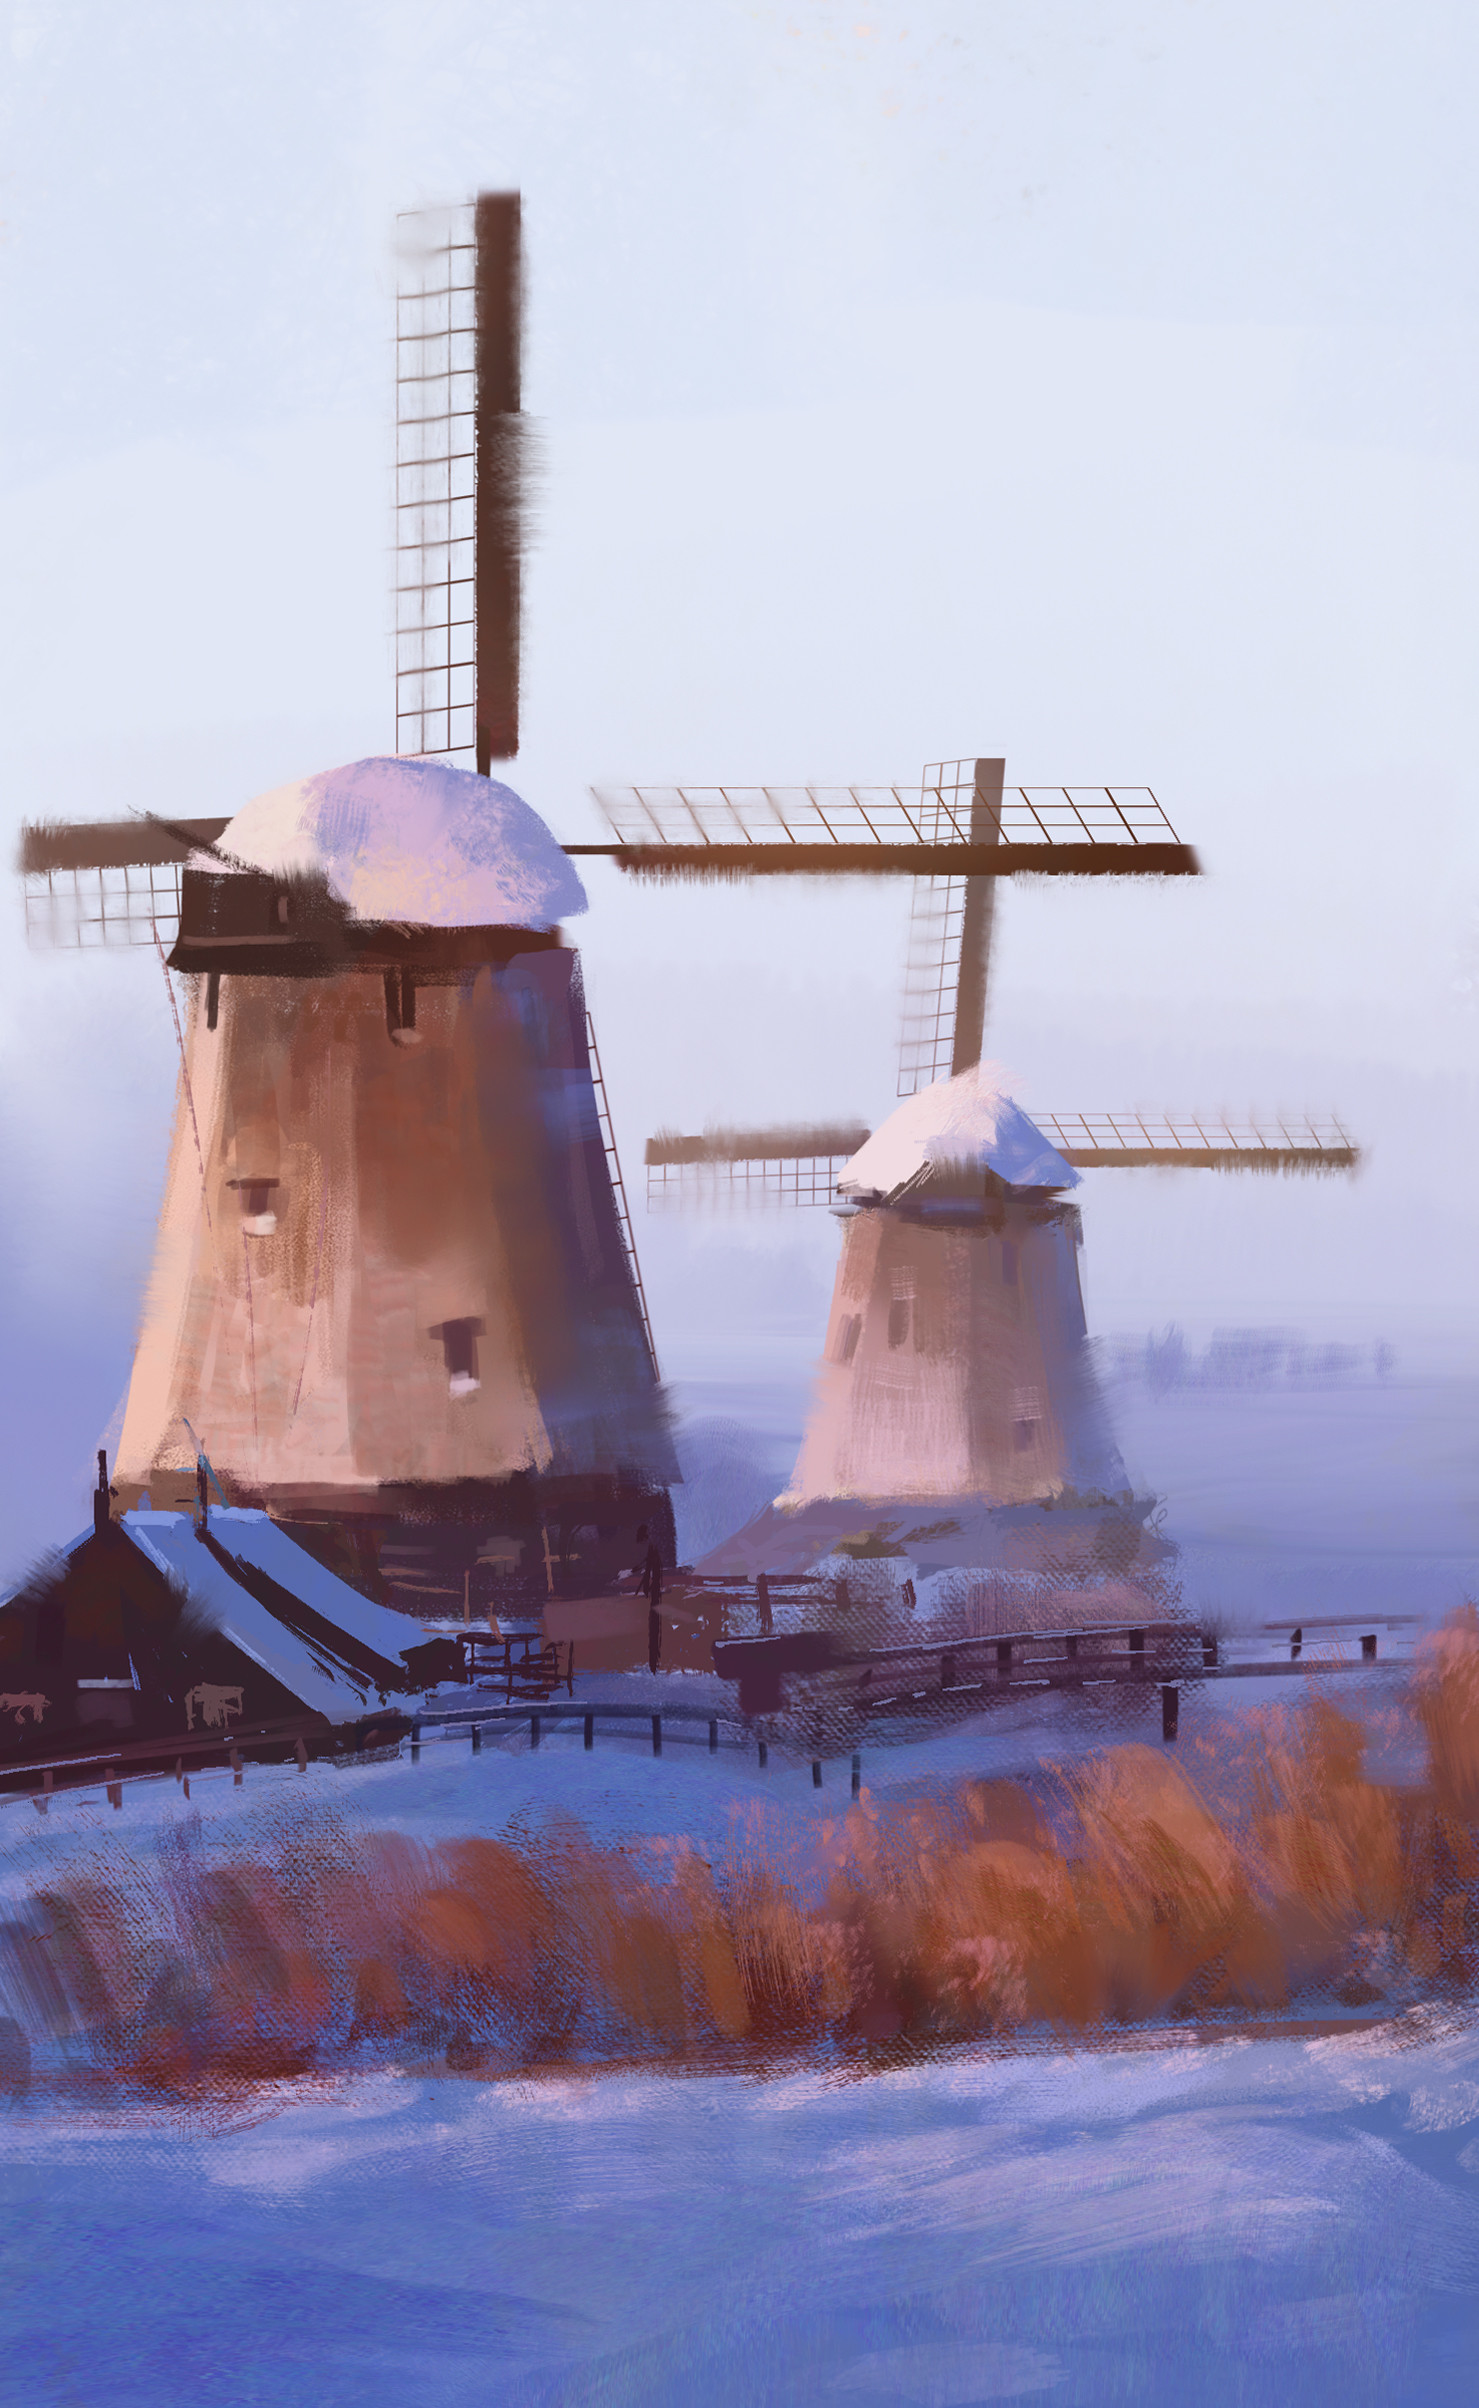 Jack dowell windmill study